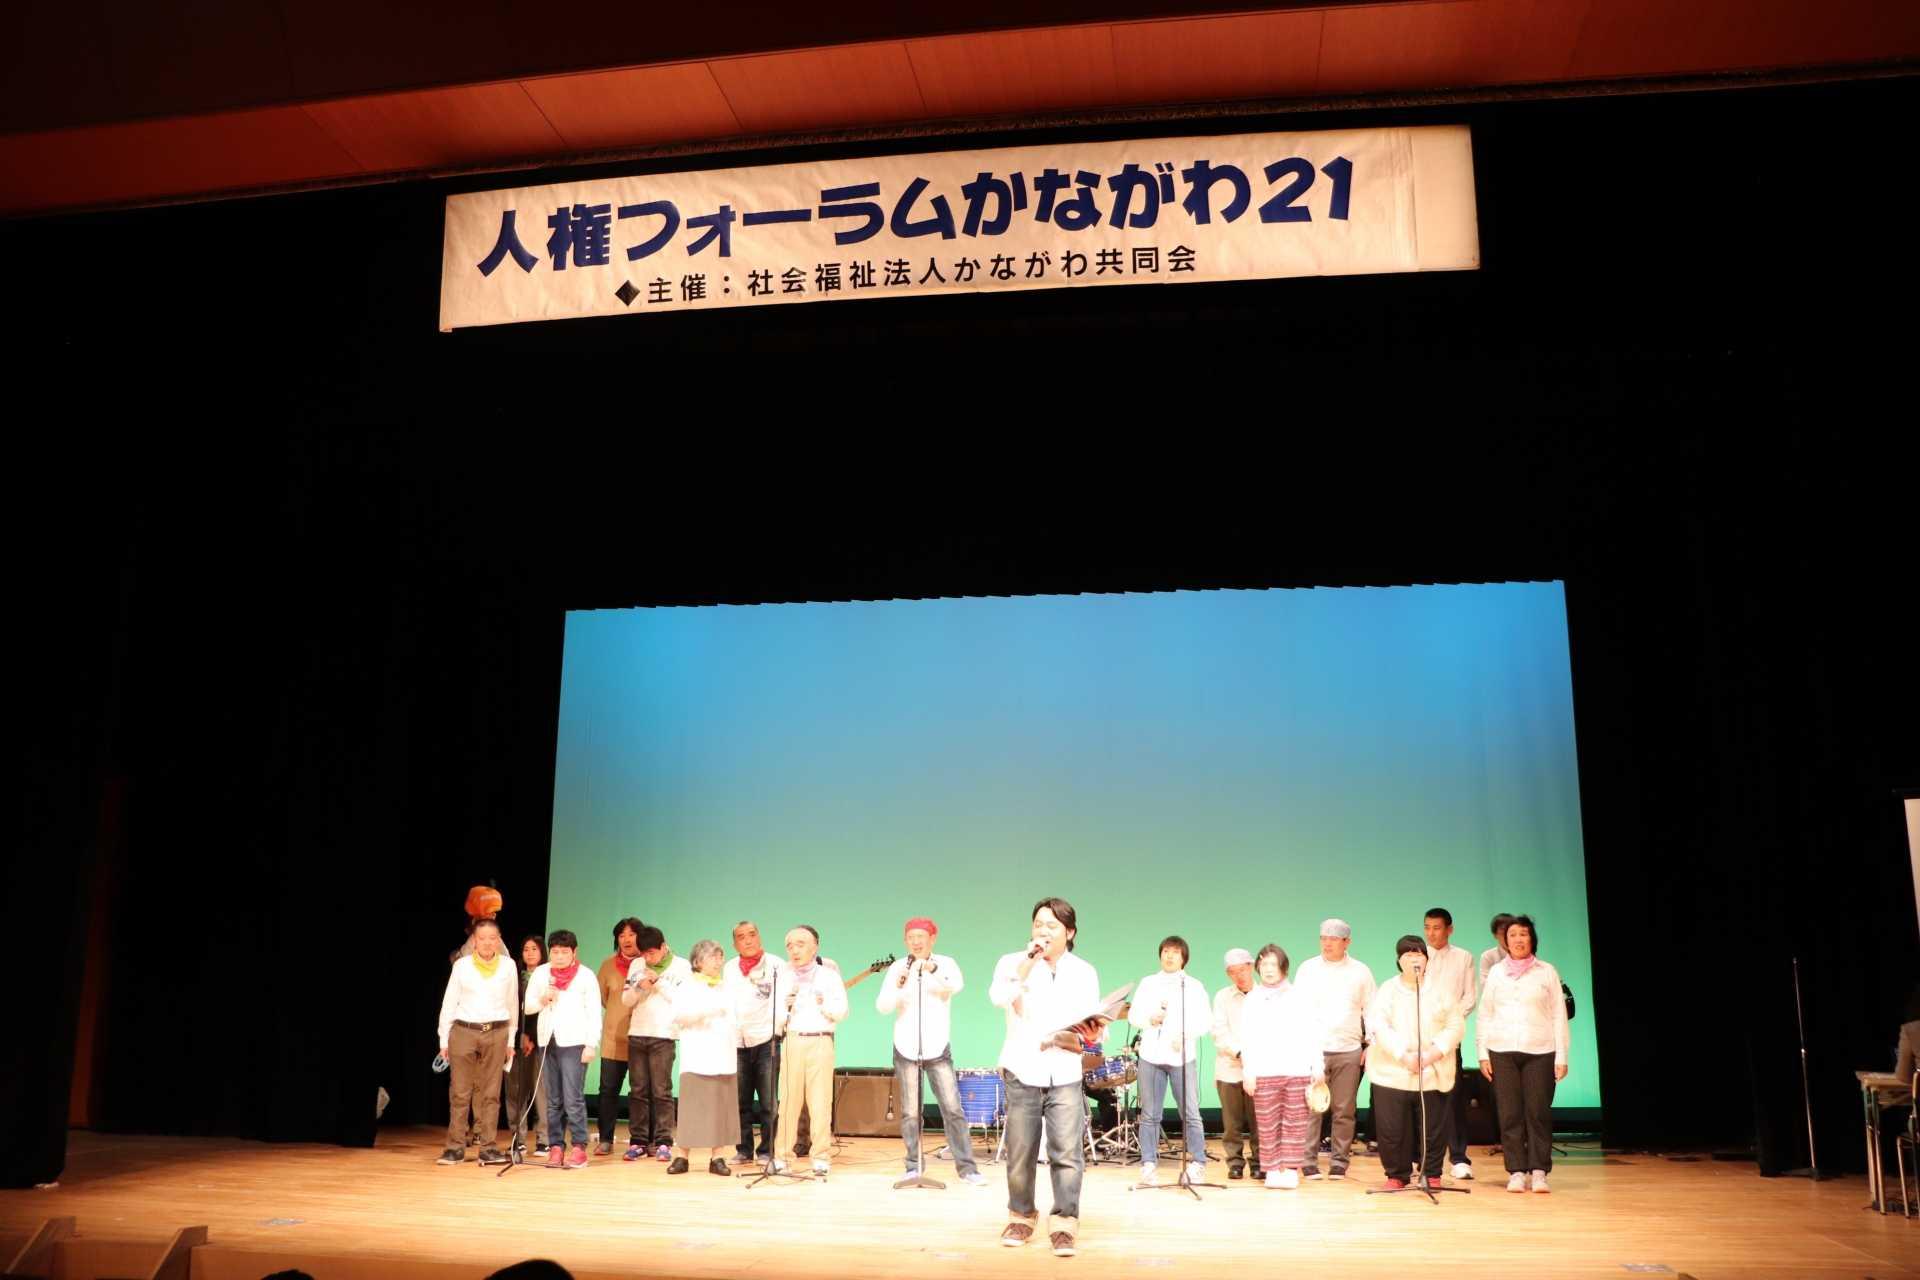 「人権フォーラムかながわ21」に「とびっきりレインボーズ」出演!